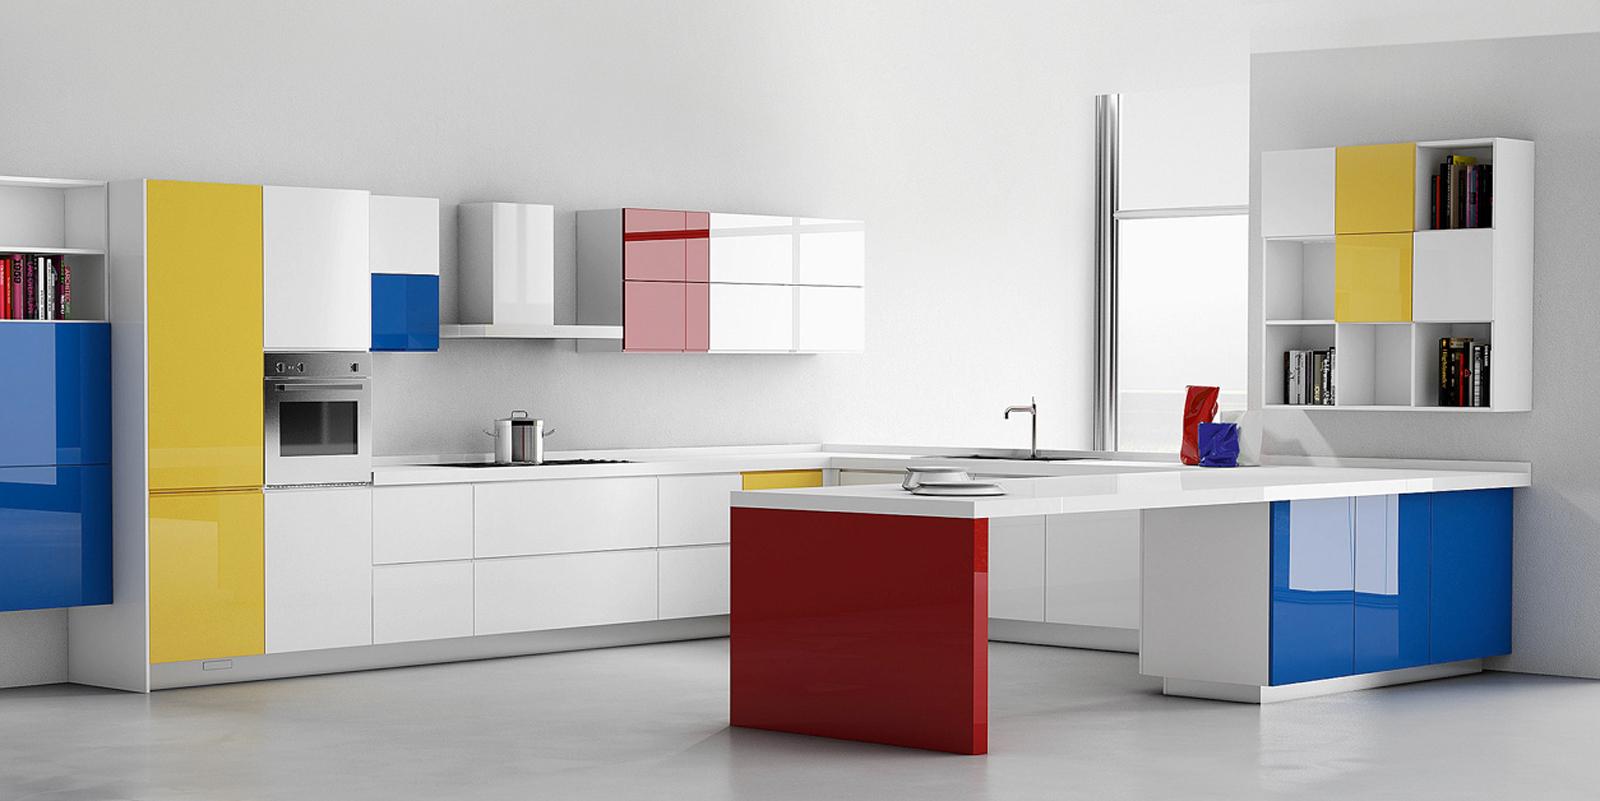 Una cucina moderna e colorata come arredarla nel modo perfetto mamme a spillo - Piastrelle cucina colorate ...